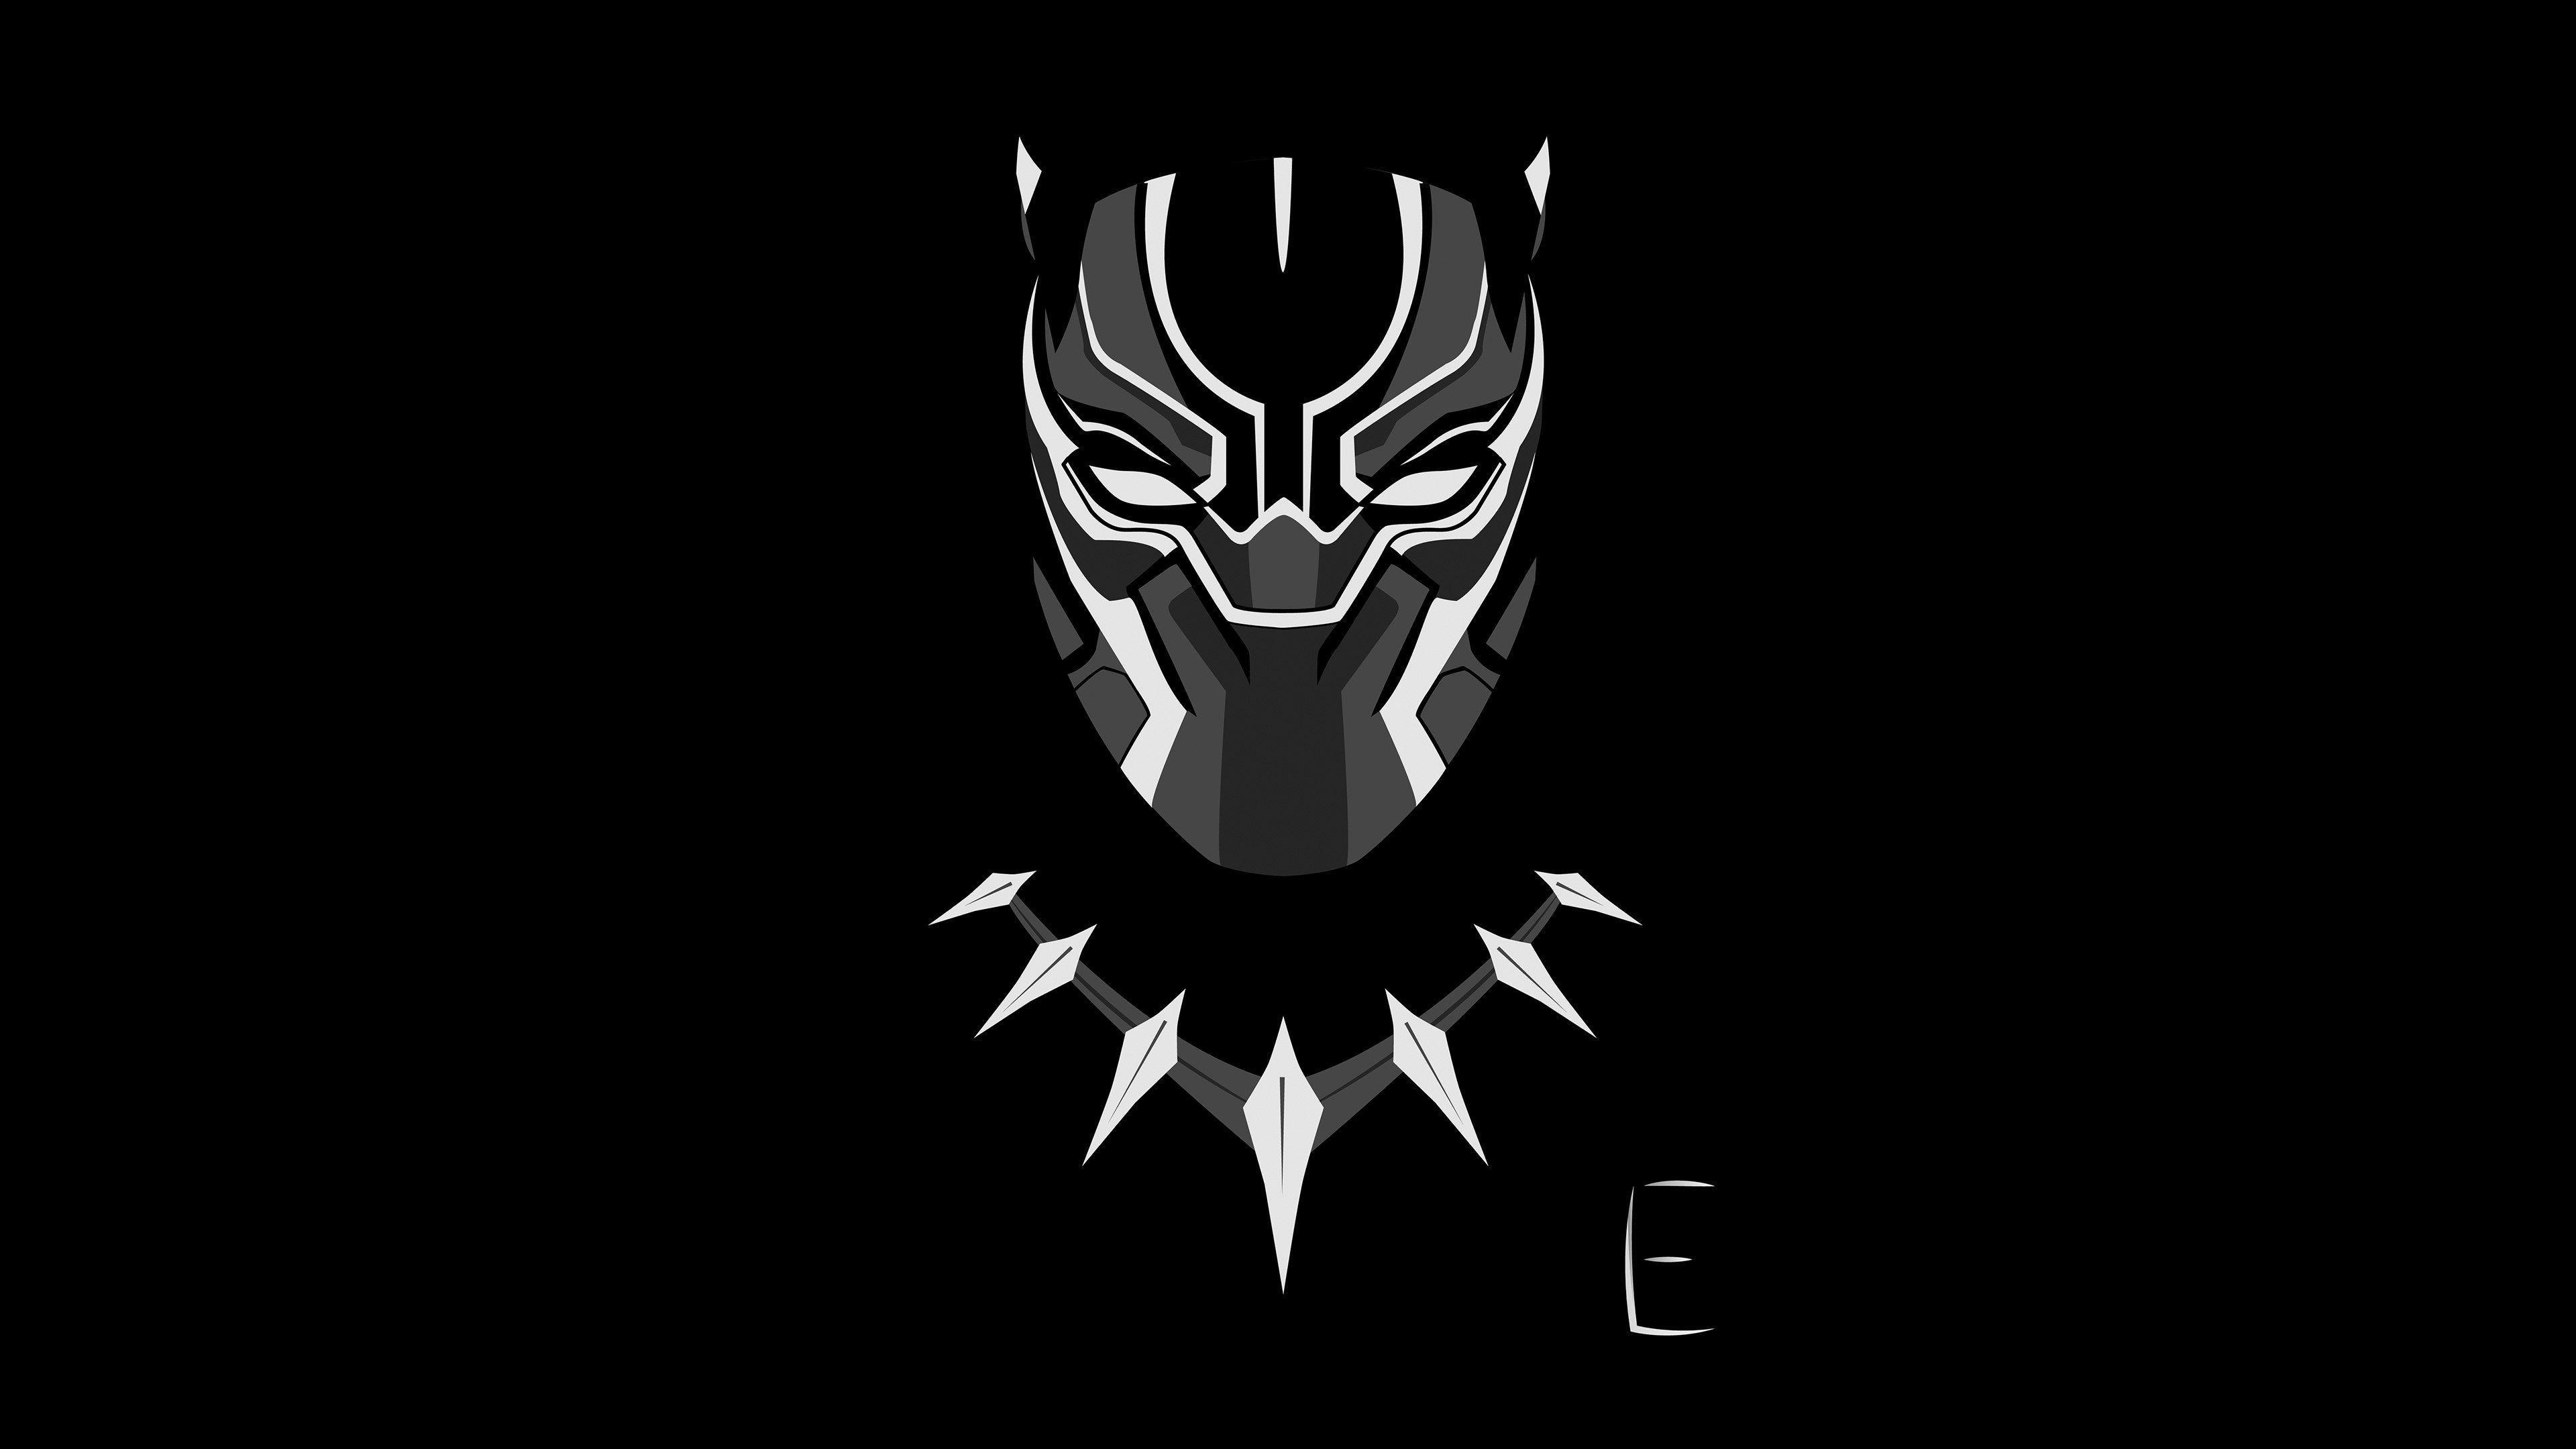 3840x2160 Black Panther 4k Pc Hd Wallpaper Download En 2019